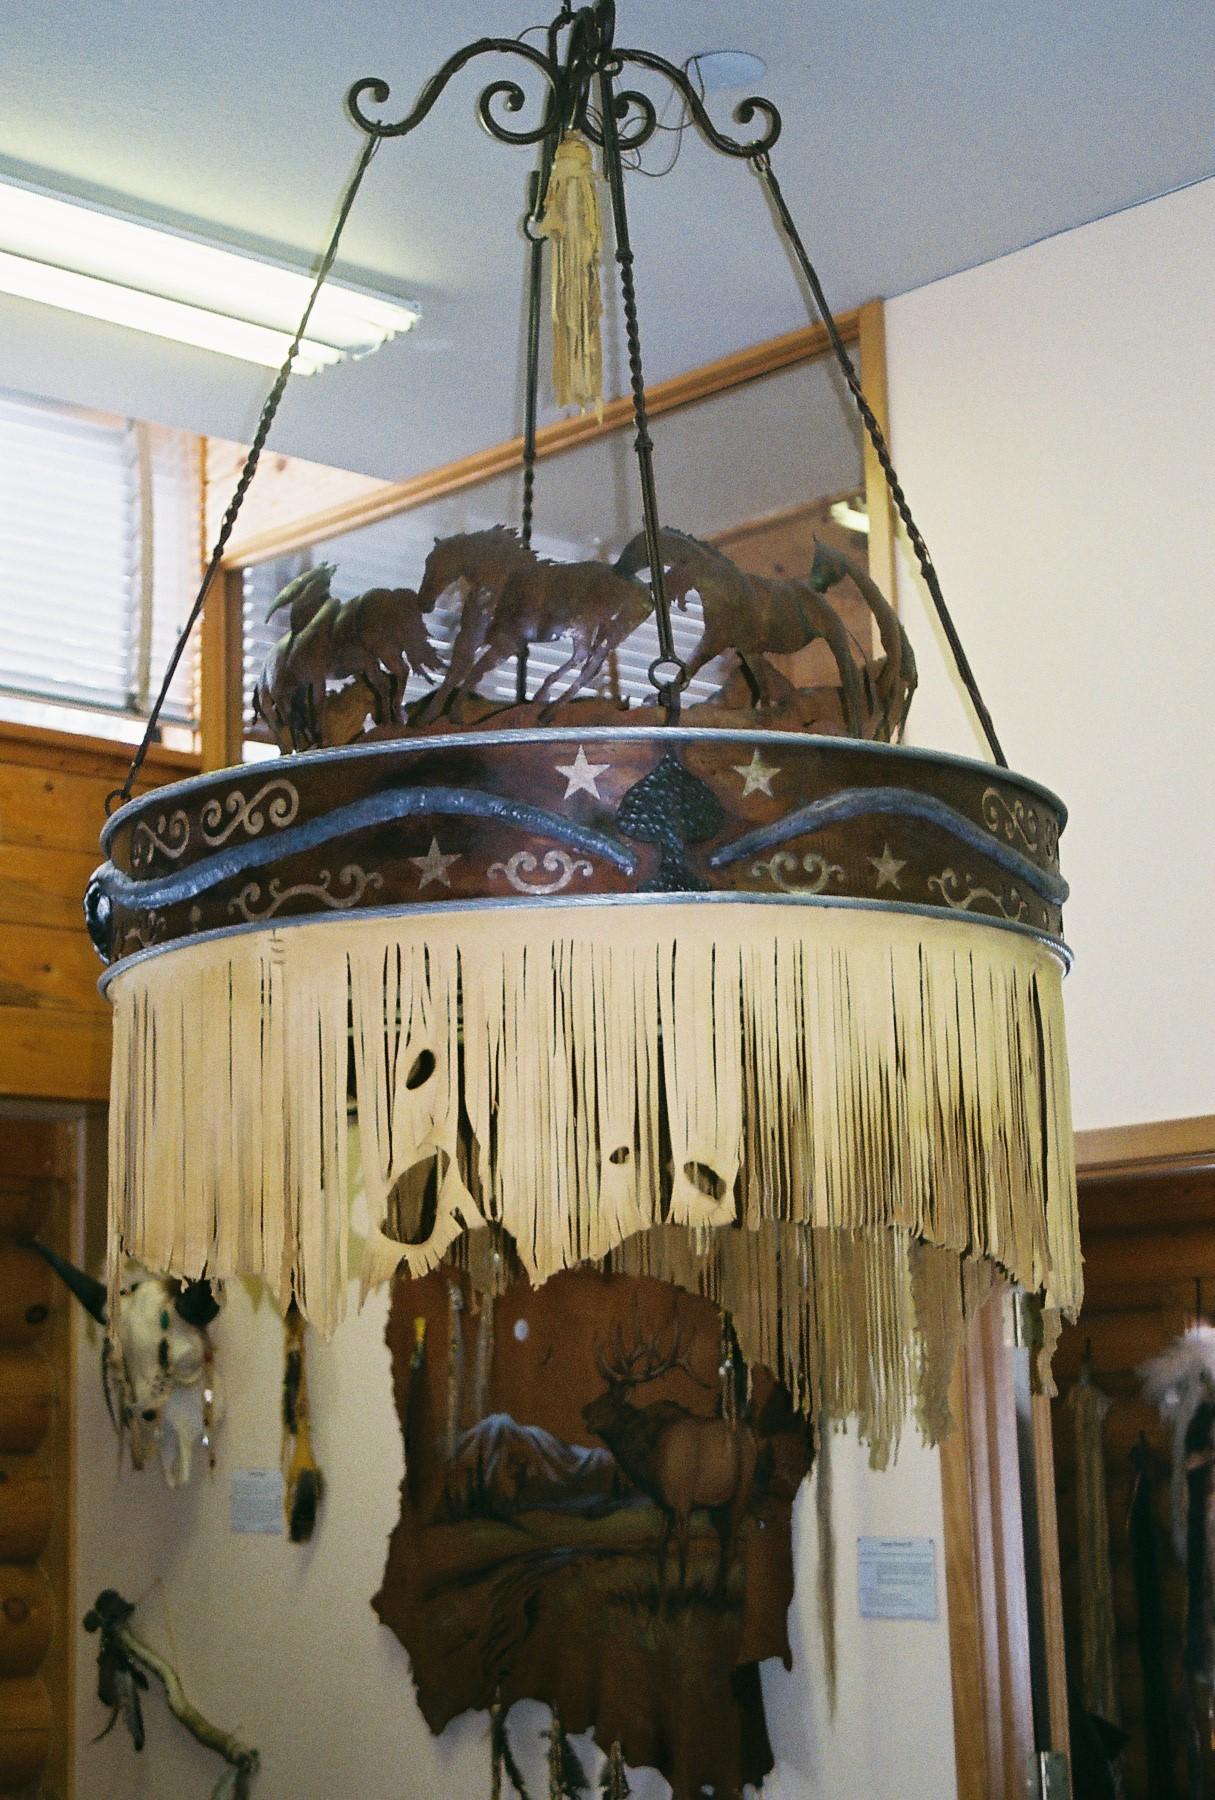 western-chandelier-in-store